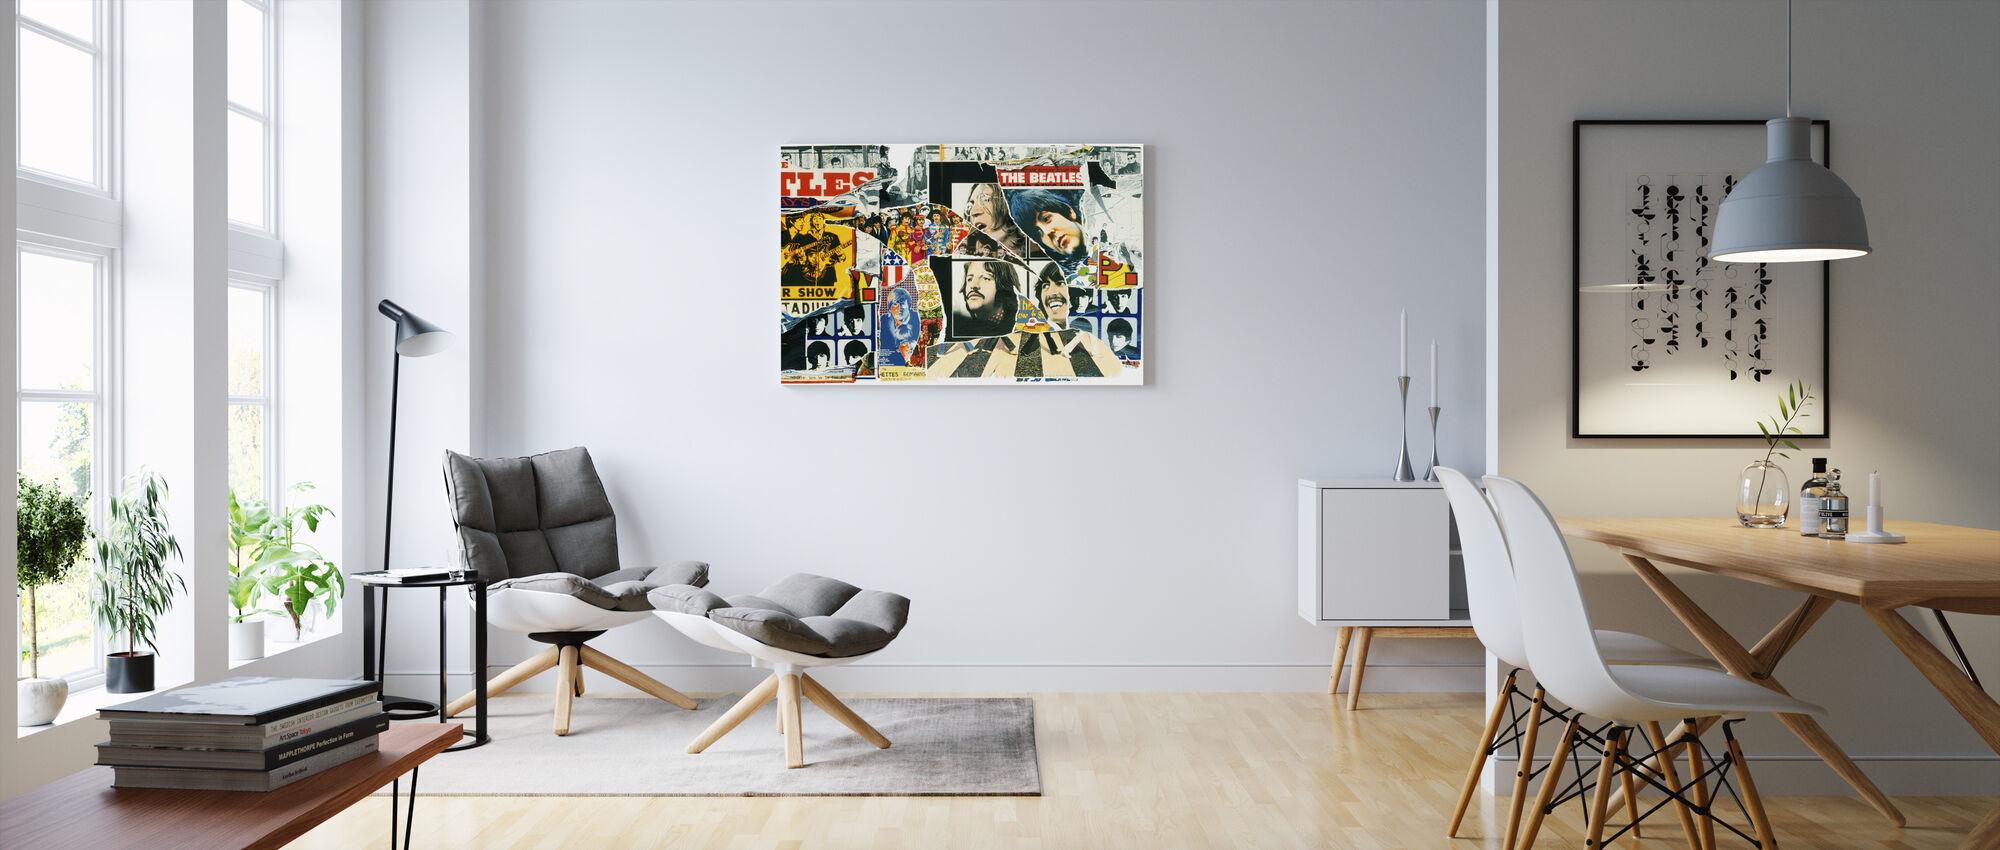 Beatles - Mur d'affiche vintage - Impression sur toile - Salle à manger